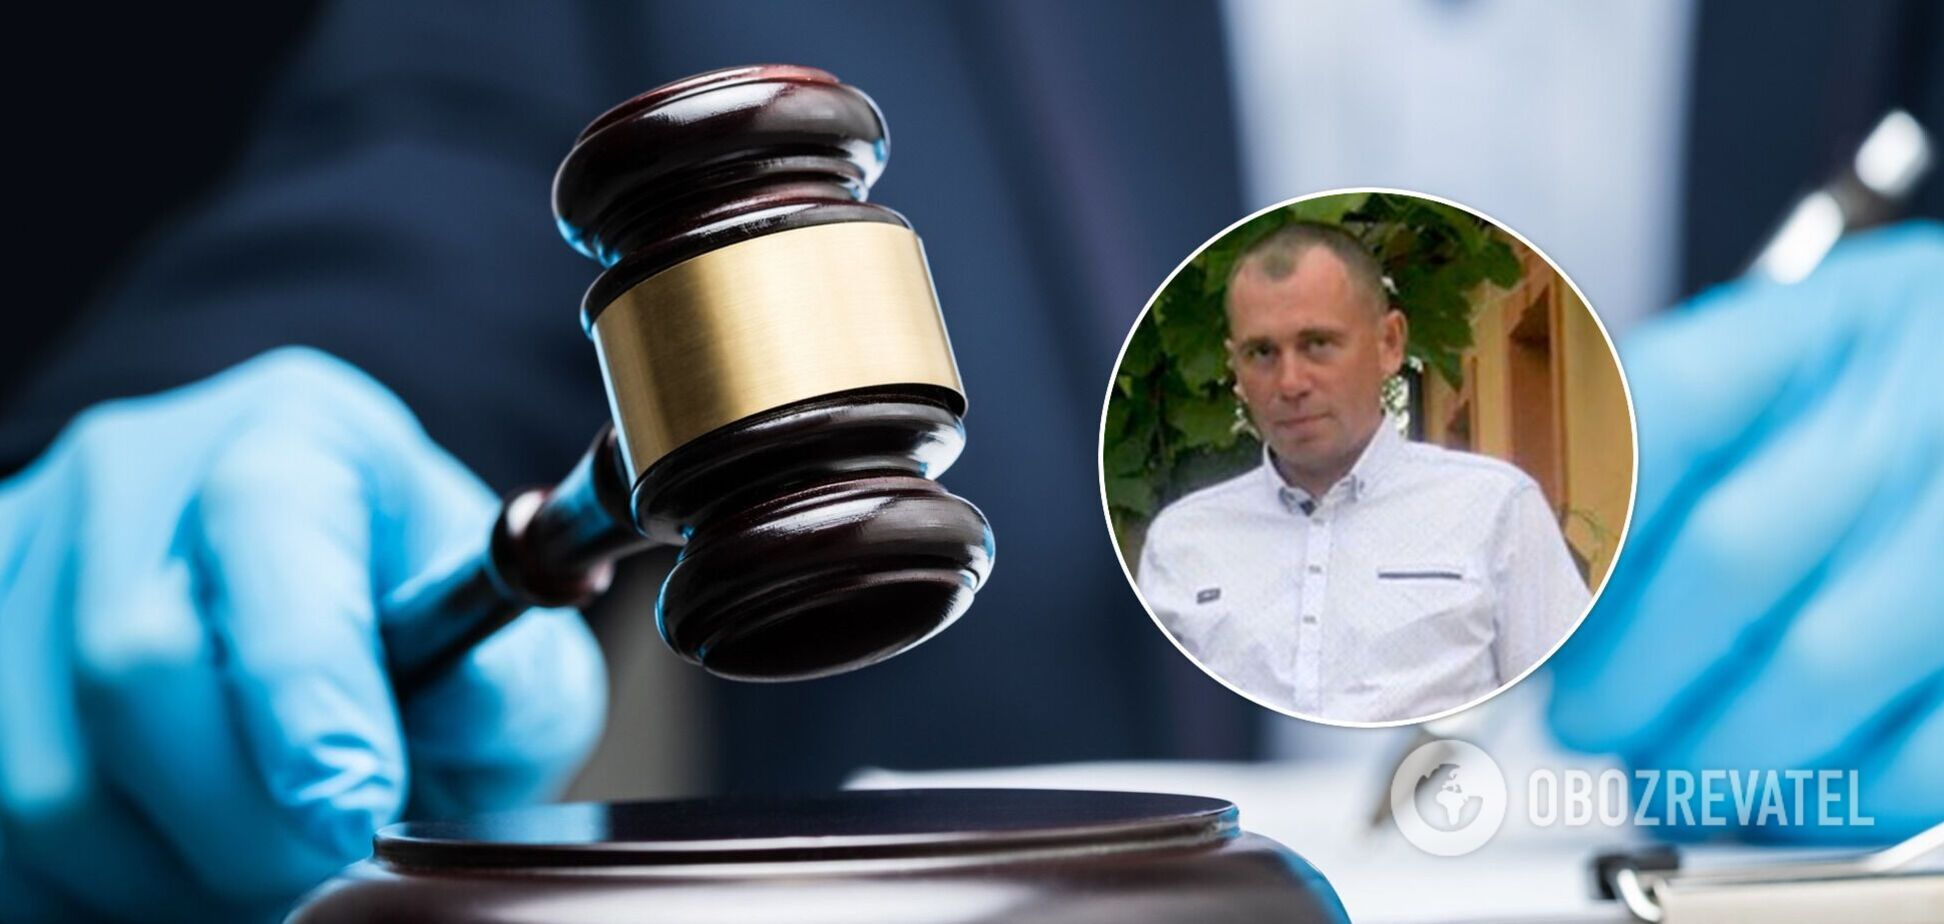 У Португалії за вбивство українця інспекторам винесли вироки